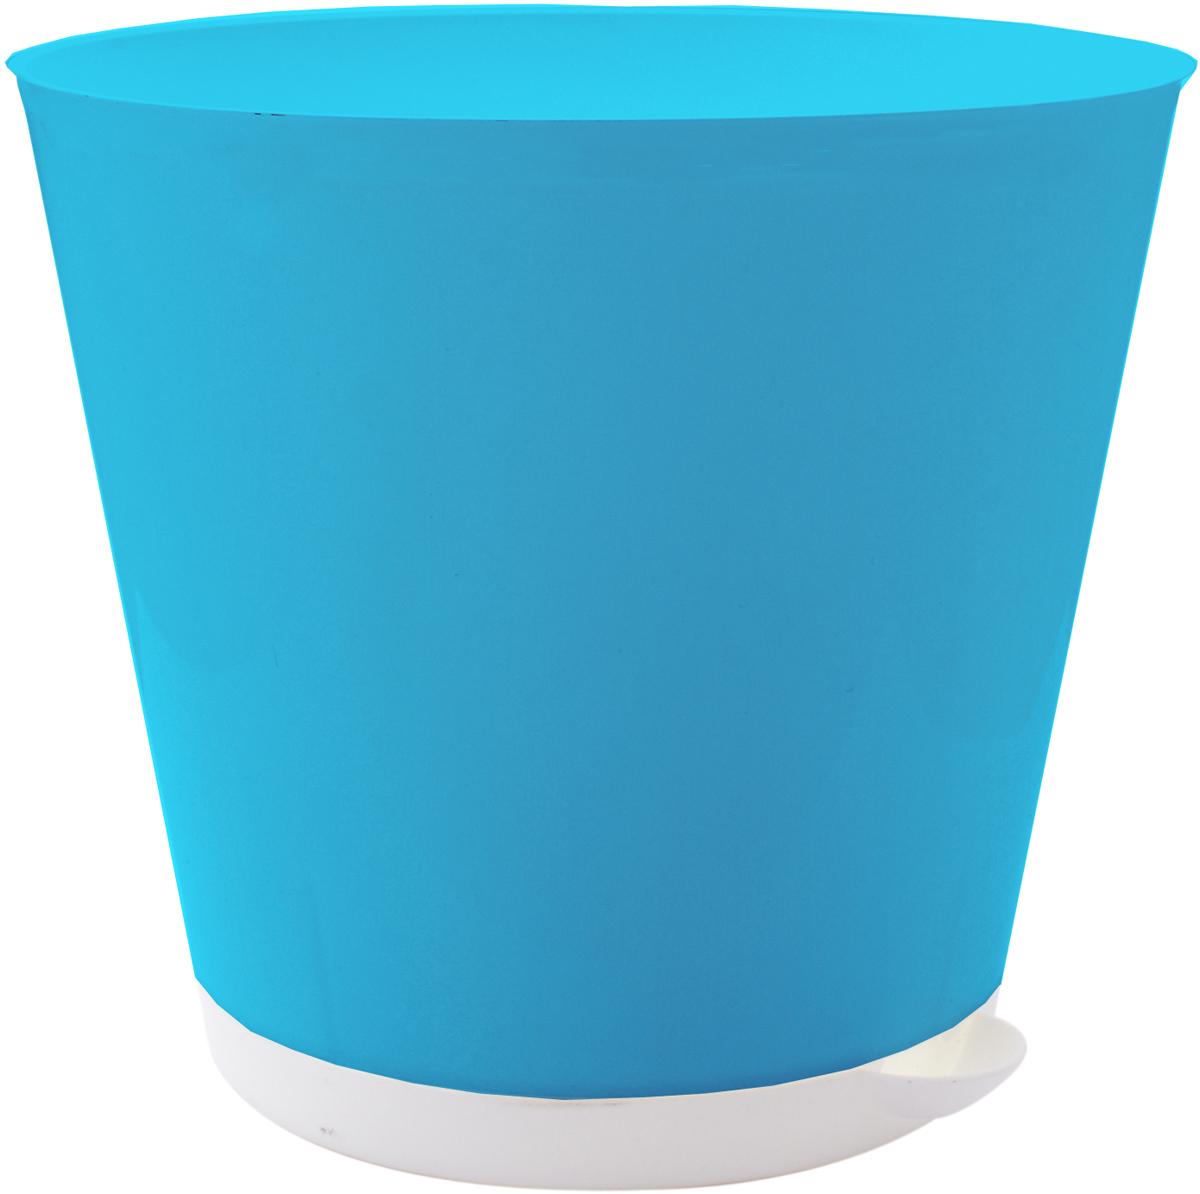 Горшок для цветов InGreen Крит, с системой прикорневого полива, цвет: светло-синий, белый, диаметр 22,6 смING46022СВСНГоршок InGreen Крит, выполненный из высококачественного пластика, предназначен для выращивания комнатных цветов, растений и трав. Специальная конструкция обеспечивает вентиляцию в корневой системе растения, а дренажные отверстия позволяют выходить лишней влаге из почвы. Крепежные отверстия и штыри прочно крепят подставку к горшку. Прикорневой полив растения осуществляется через удобный носик. Система прикорневого полива позволяет оставлять комнатное растение без внимания тем, кто часто находится в командировках или собирается в отпуск и не имеет возможности вовремя поливать цветы.Такой горшок порадует вас современным дизайном и функциональностью, а также оригинально украсит интерьер любого помещения. Объем: 5 л.